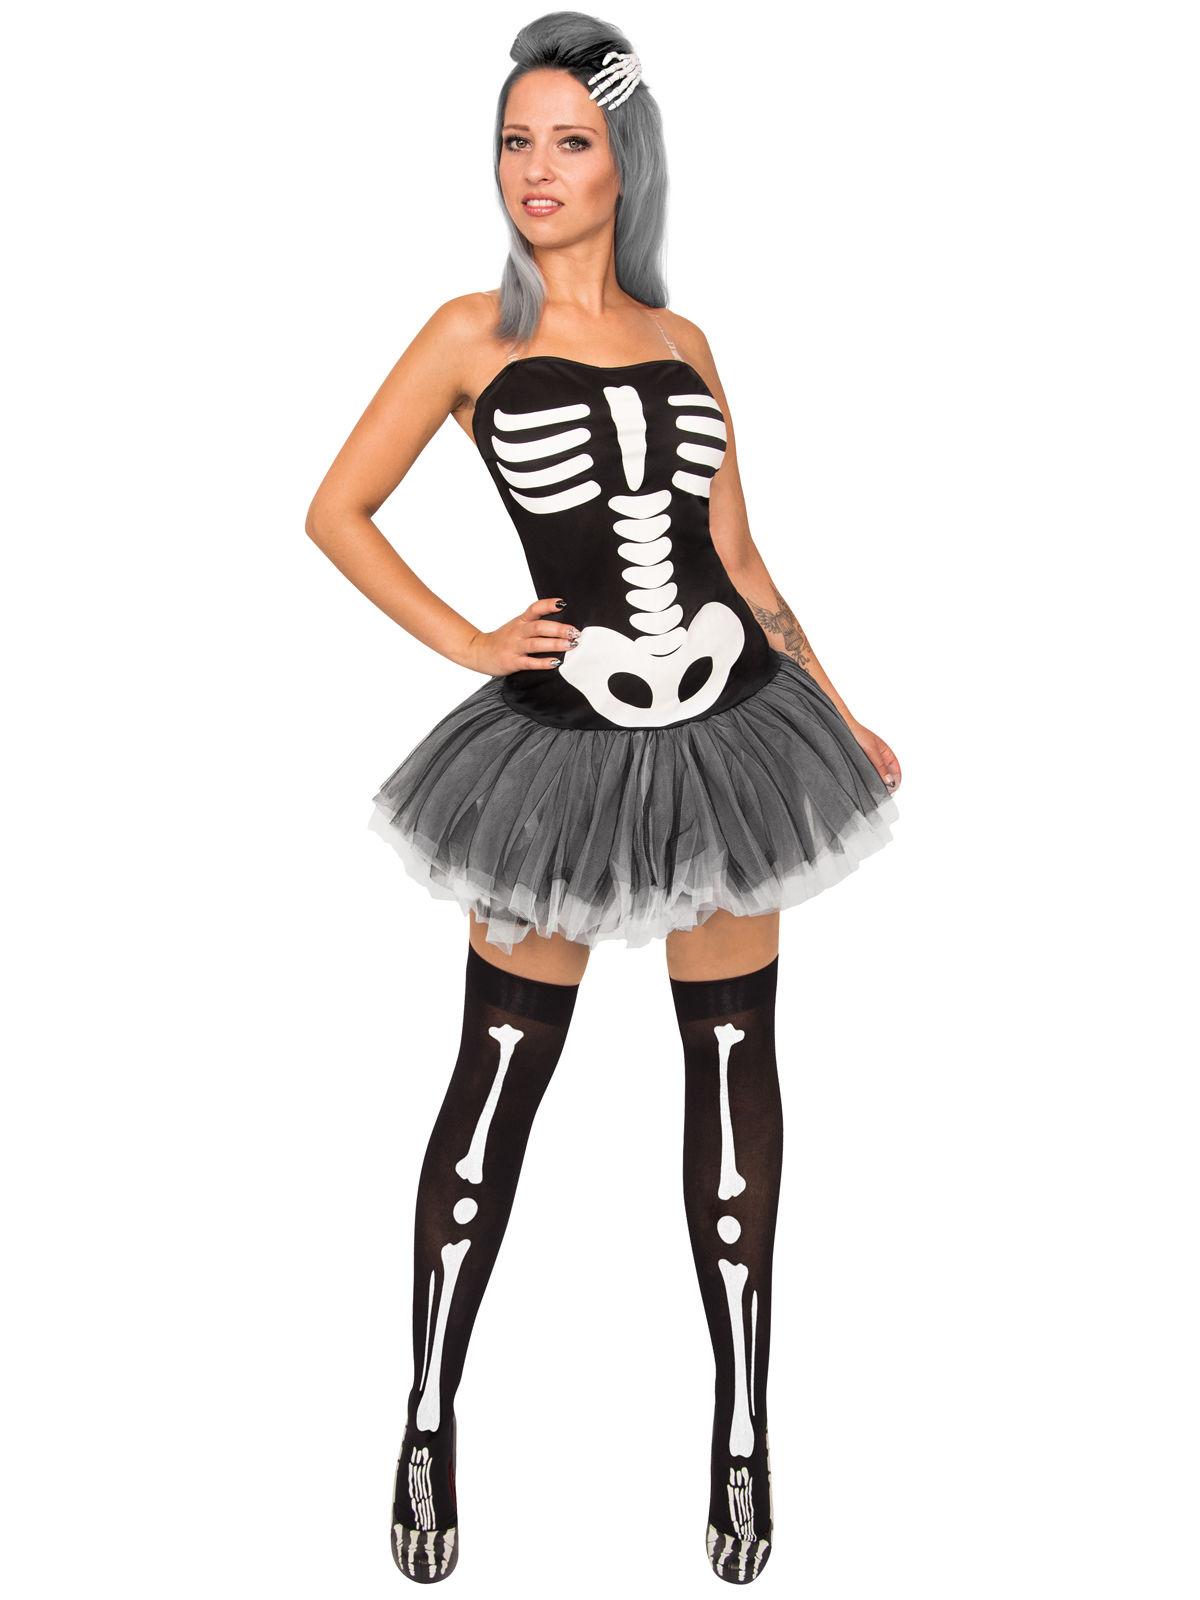 lego halloween costume hands